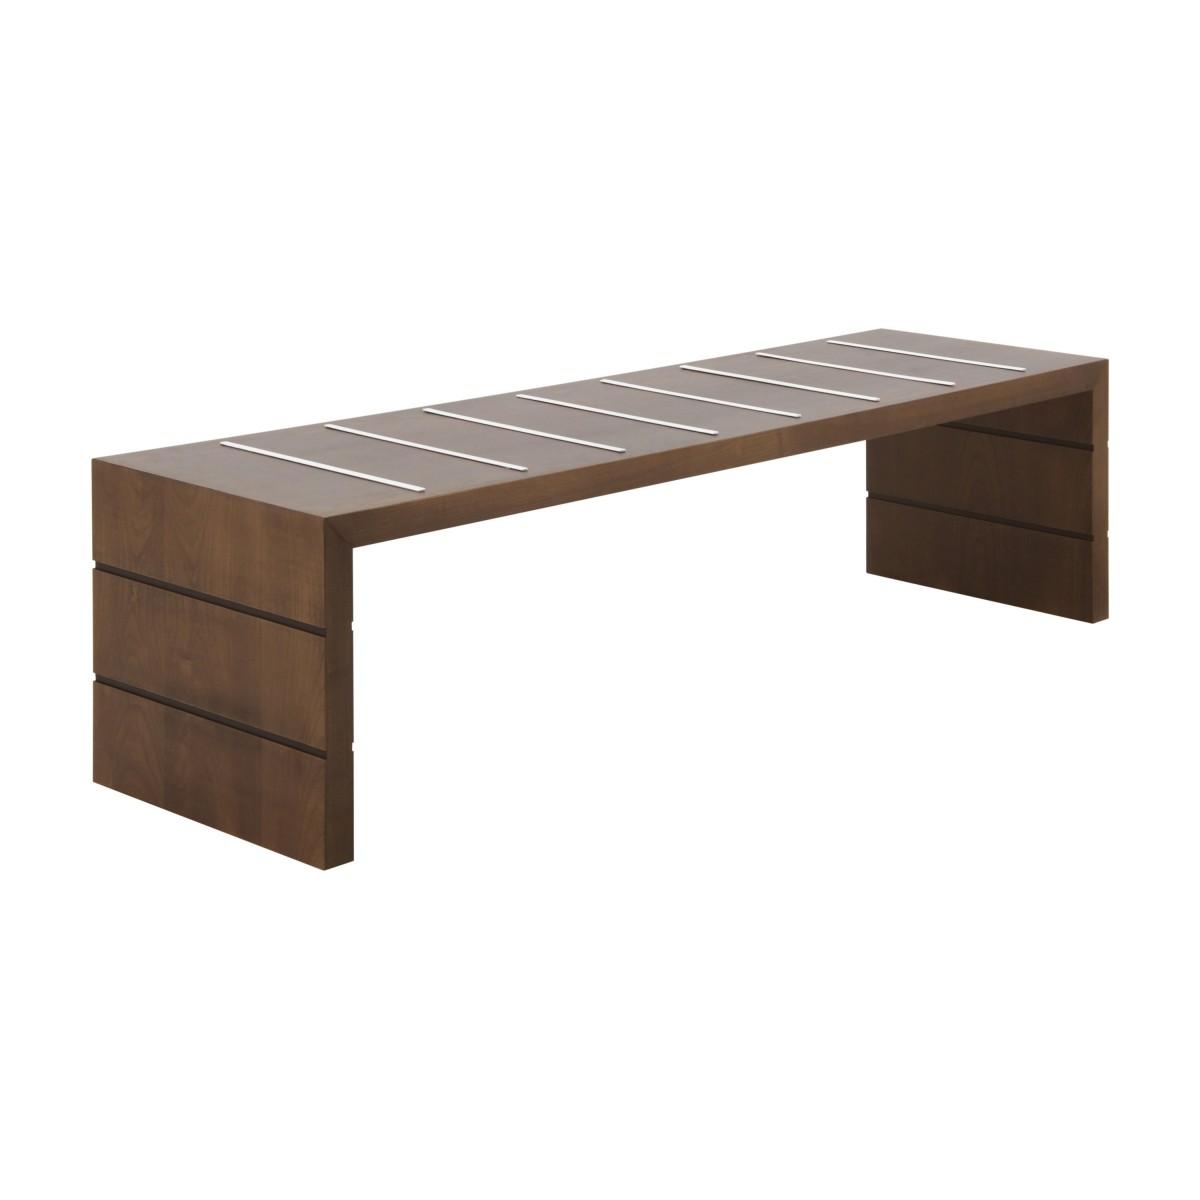 Upholstered bench Ottavia - Sevensedie